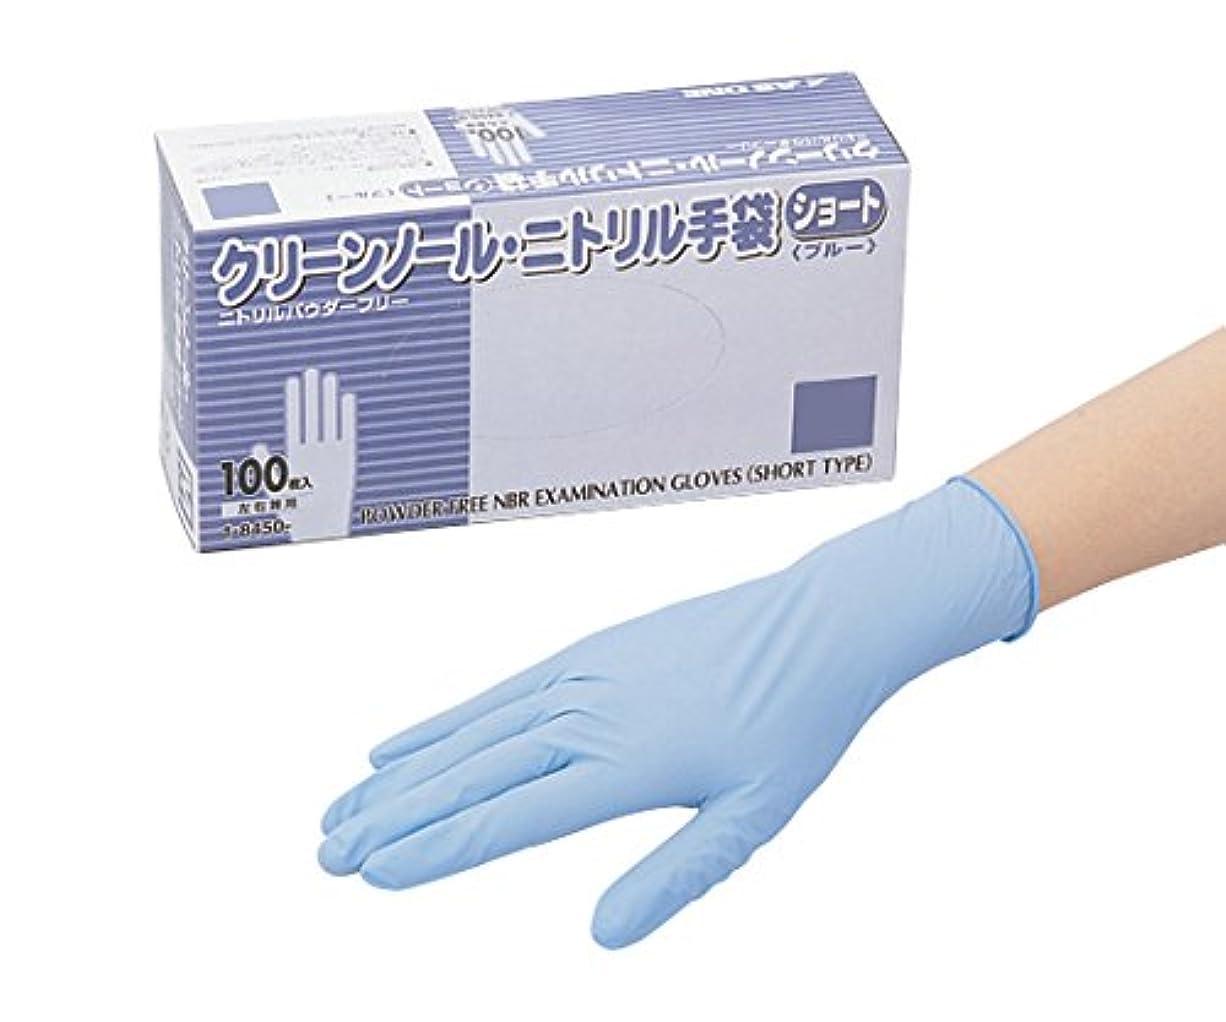 フラフープ綺麗なお母さんアズワン1-8450-22クリーンノールニトリル手袋ショート(パウダーフリ-)ブルーM100枚入